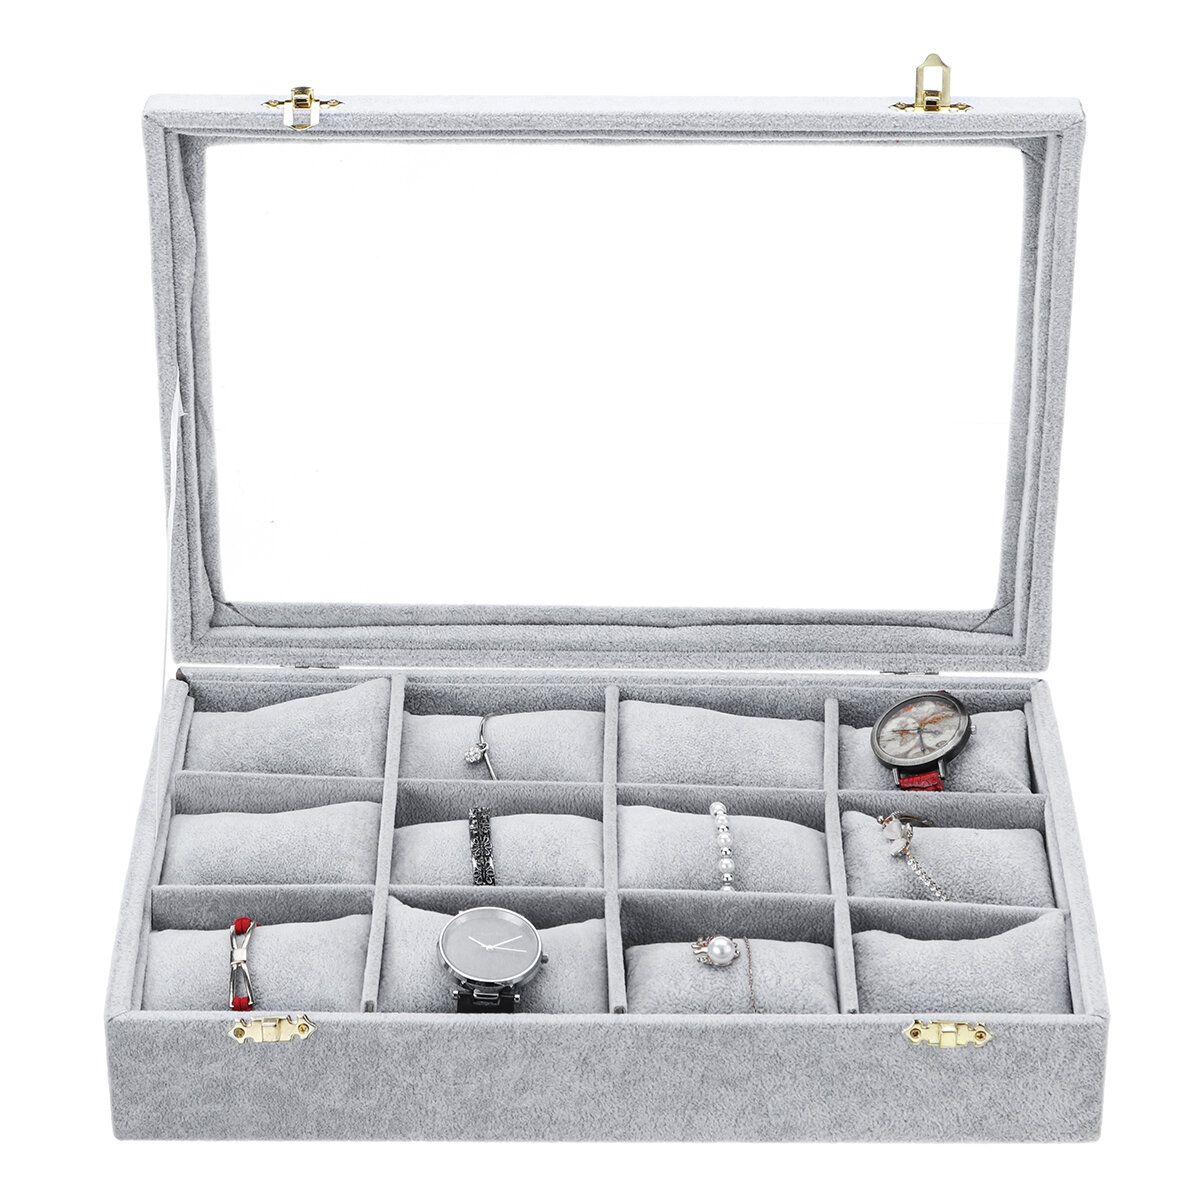 SHH US$31.19 12 Grids Jewelry Storage Box Watch Display Box Velvet Watch Storage Box 35cm*24cm*7cm